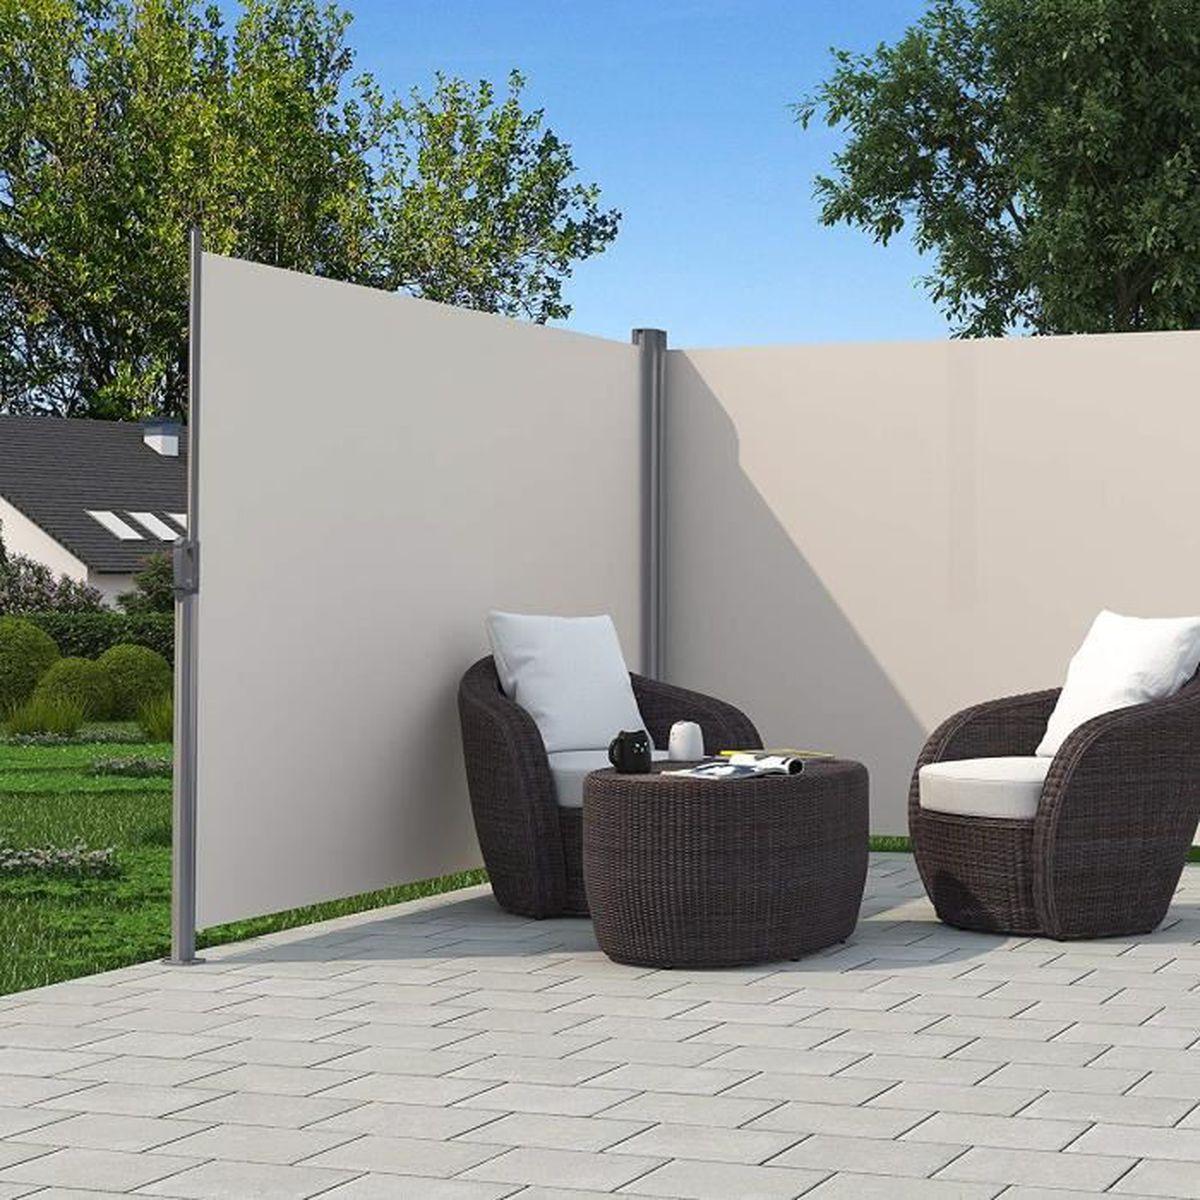 paravent ext rieur r tractable achat vente paravent. Black Bedroom Furniture Sets. Home Design Ideas